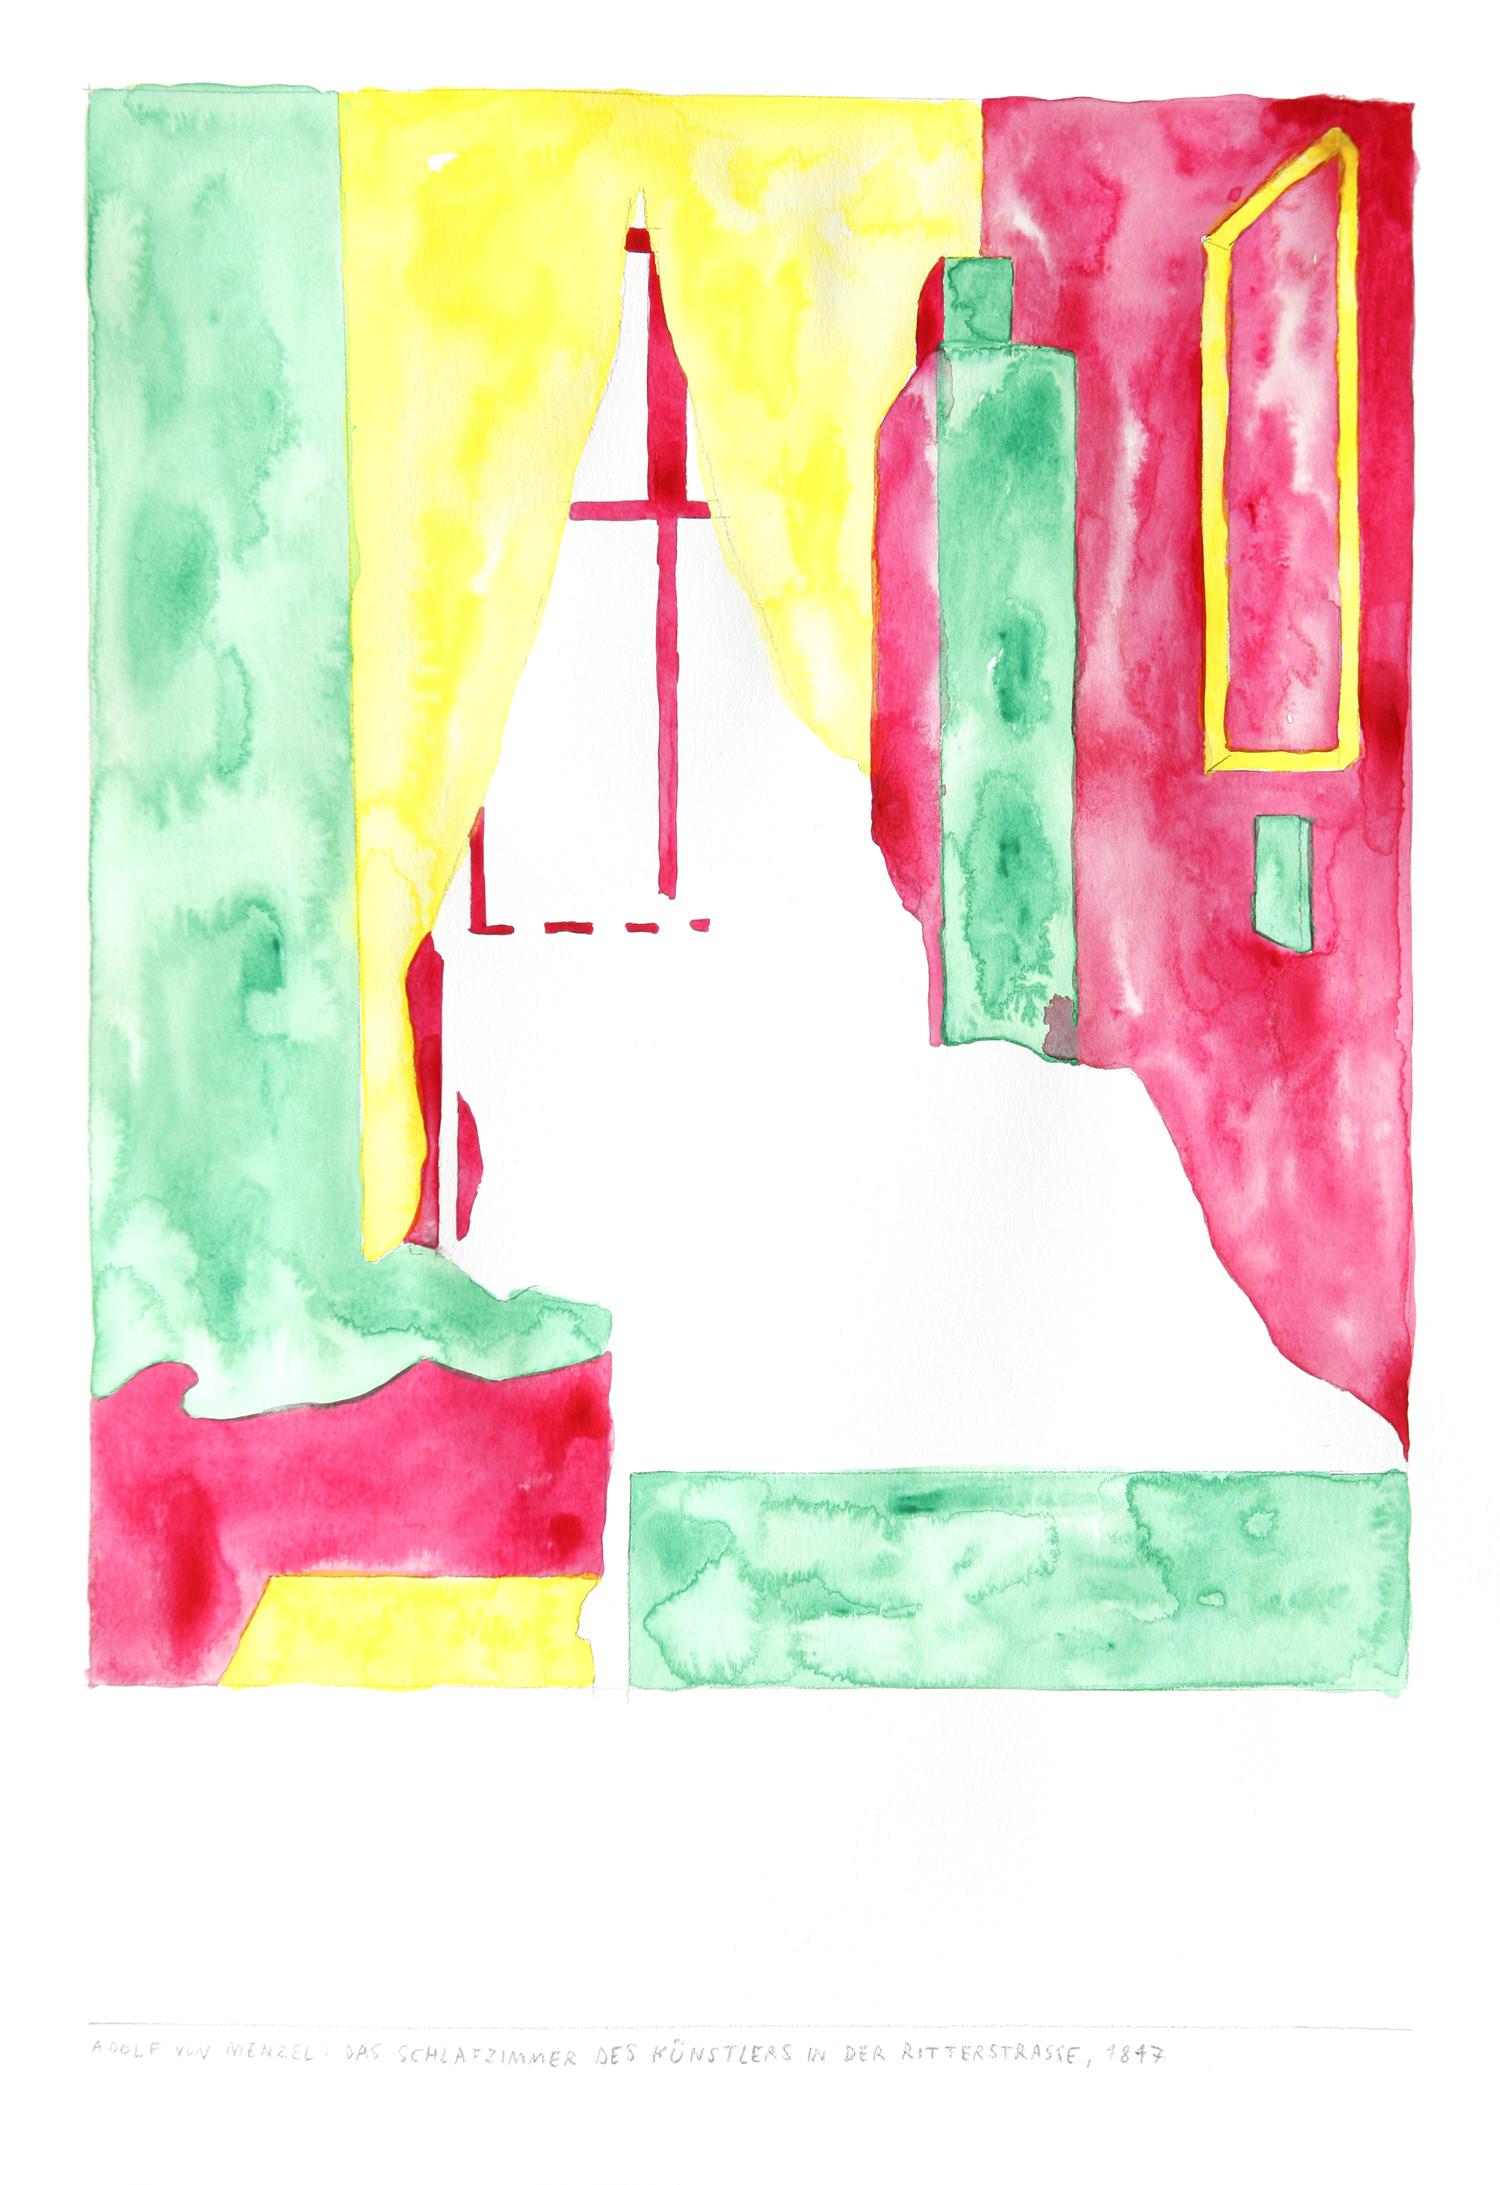 Manfred_Naescher__Adolf_von_Menzel_Das_Schlafzimmer_des_Kuenstlers_in_der_Ritterstrasse_1847--Watercolor_on_Paper_40x30cm_2015_Photo_by_Ana_Petrovic.jpg